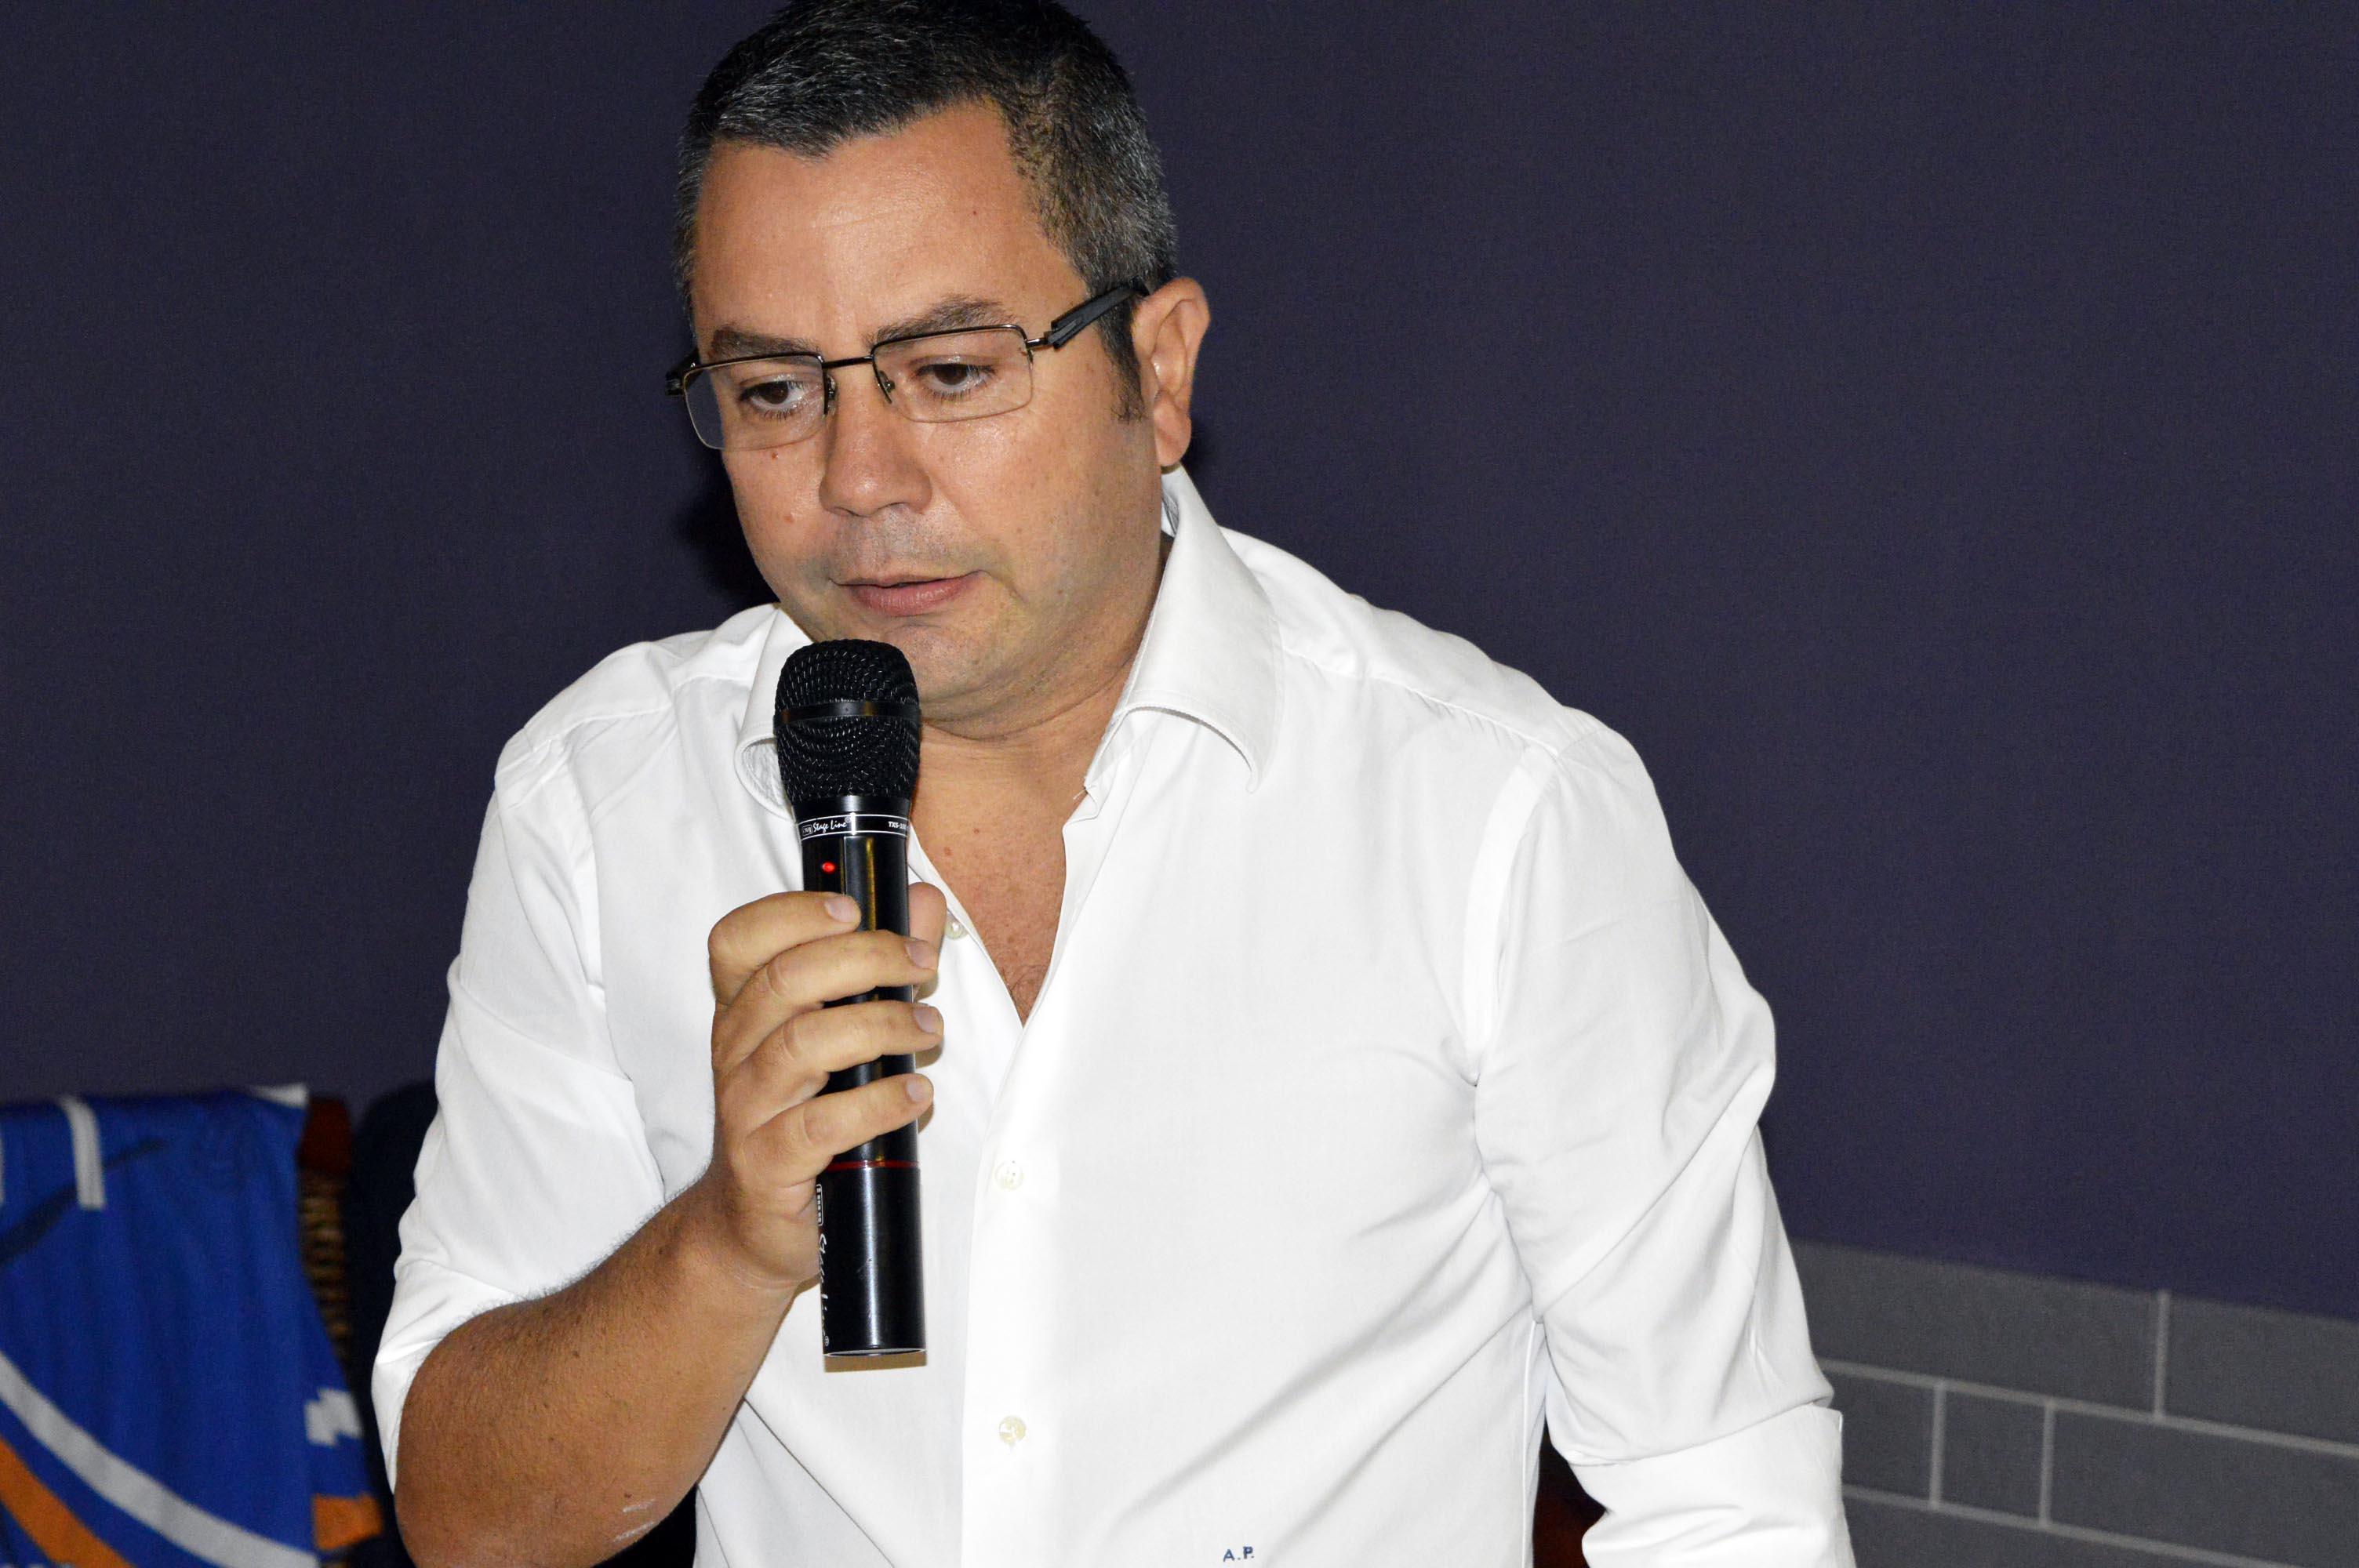 PALLAVOLO – Arzano Volley, coach Antonio Piscopo fissa gli obiettivi stagionali